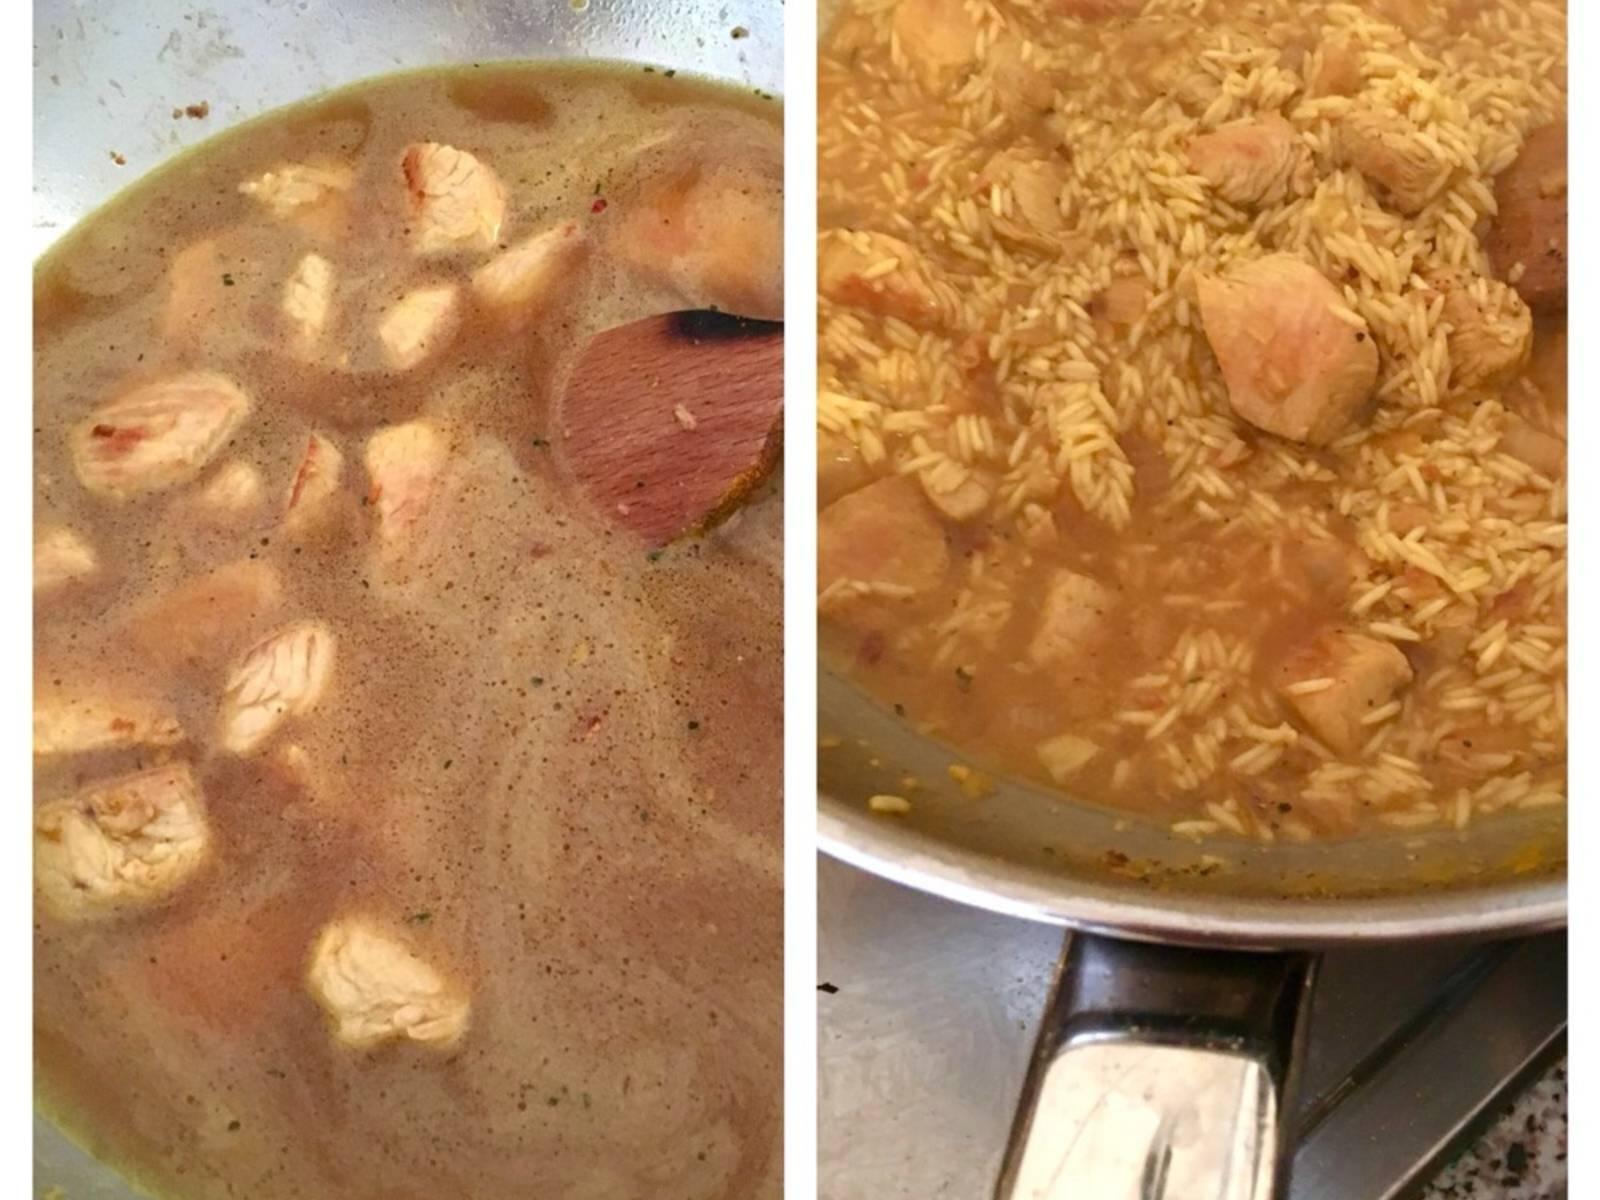 Zu dem Fleisch Wasser hinzugeben und ca. 10 Min. köcheln lassen. Anschließend den Reis dazu und weiterhin ca. 20 Min. garen. Mehr Wasser nachgießen, falls notwendig.